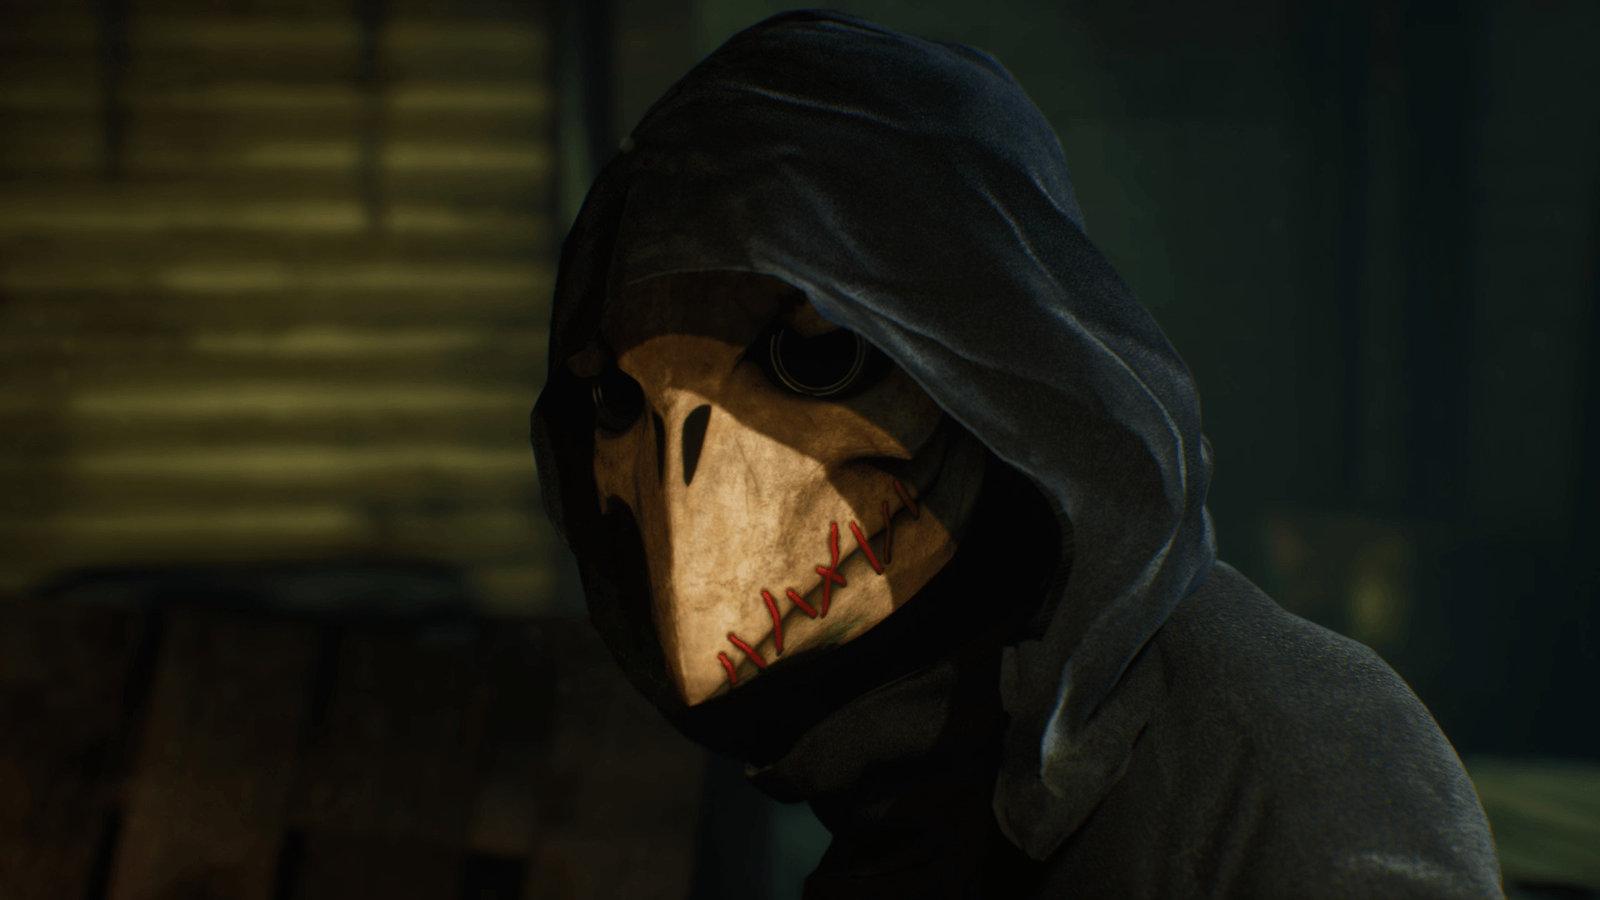 The Quiet Man image 1